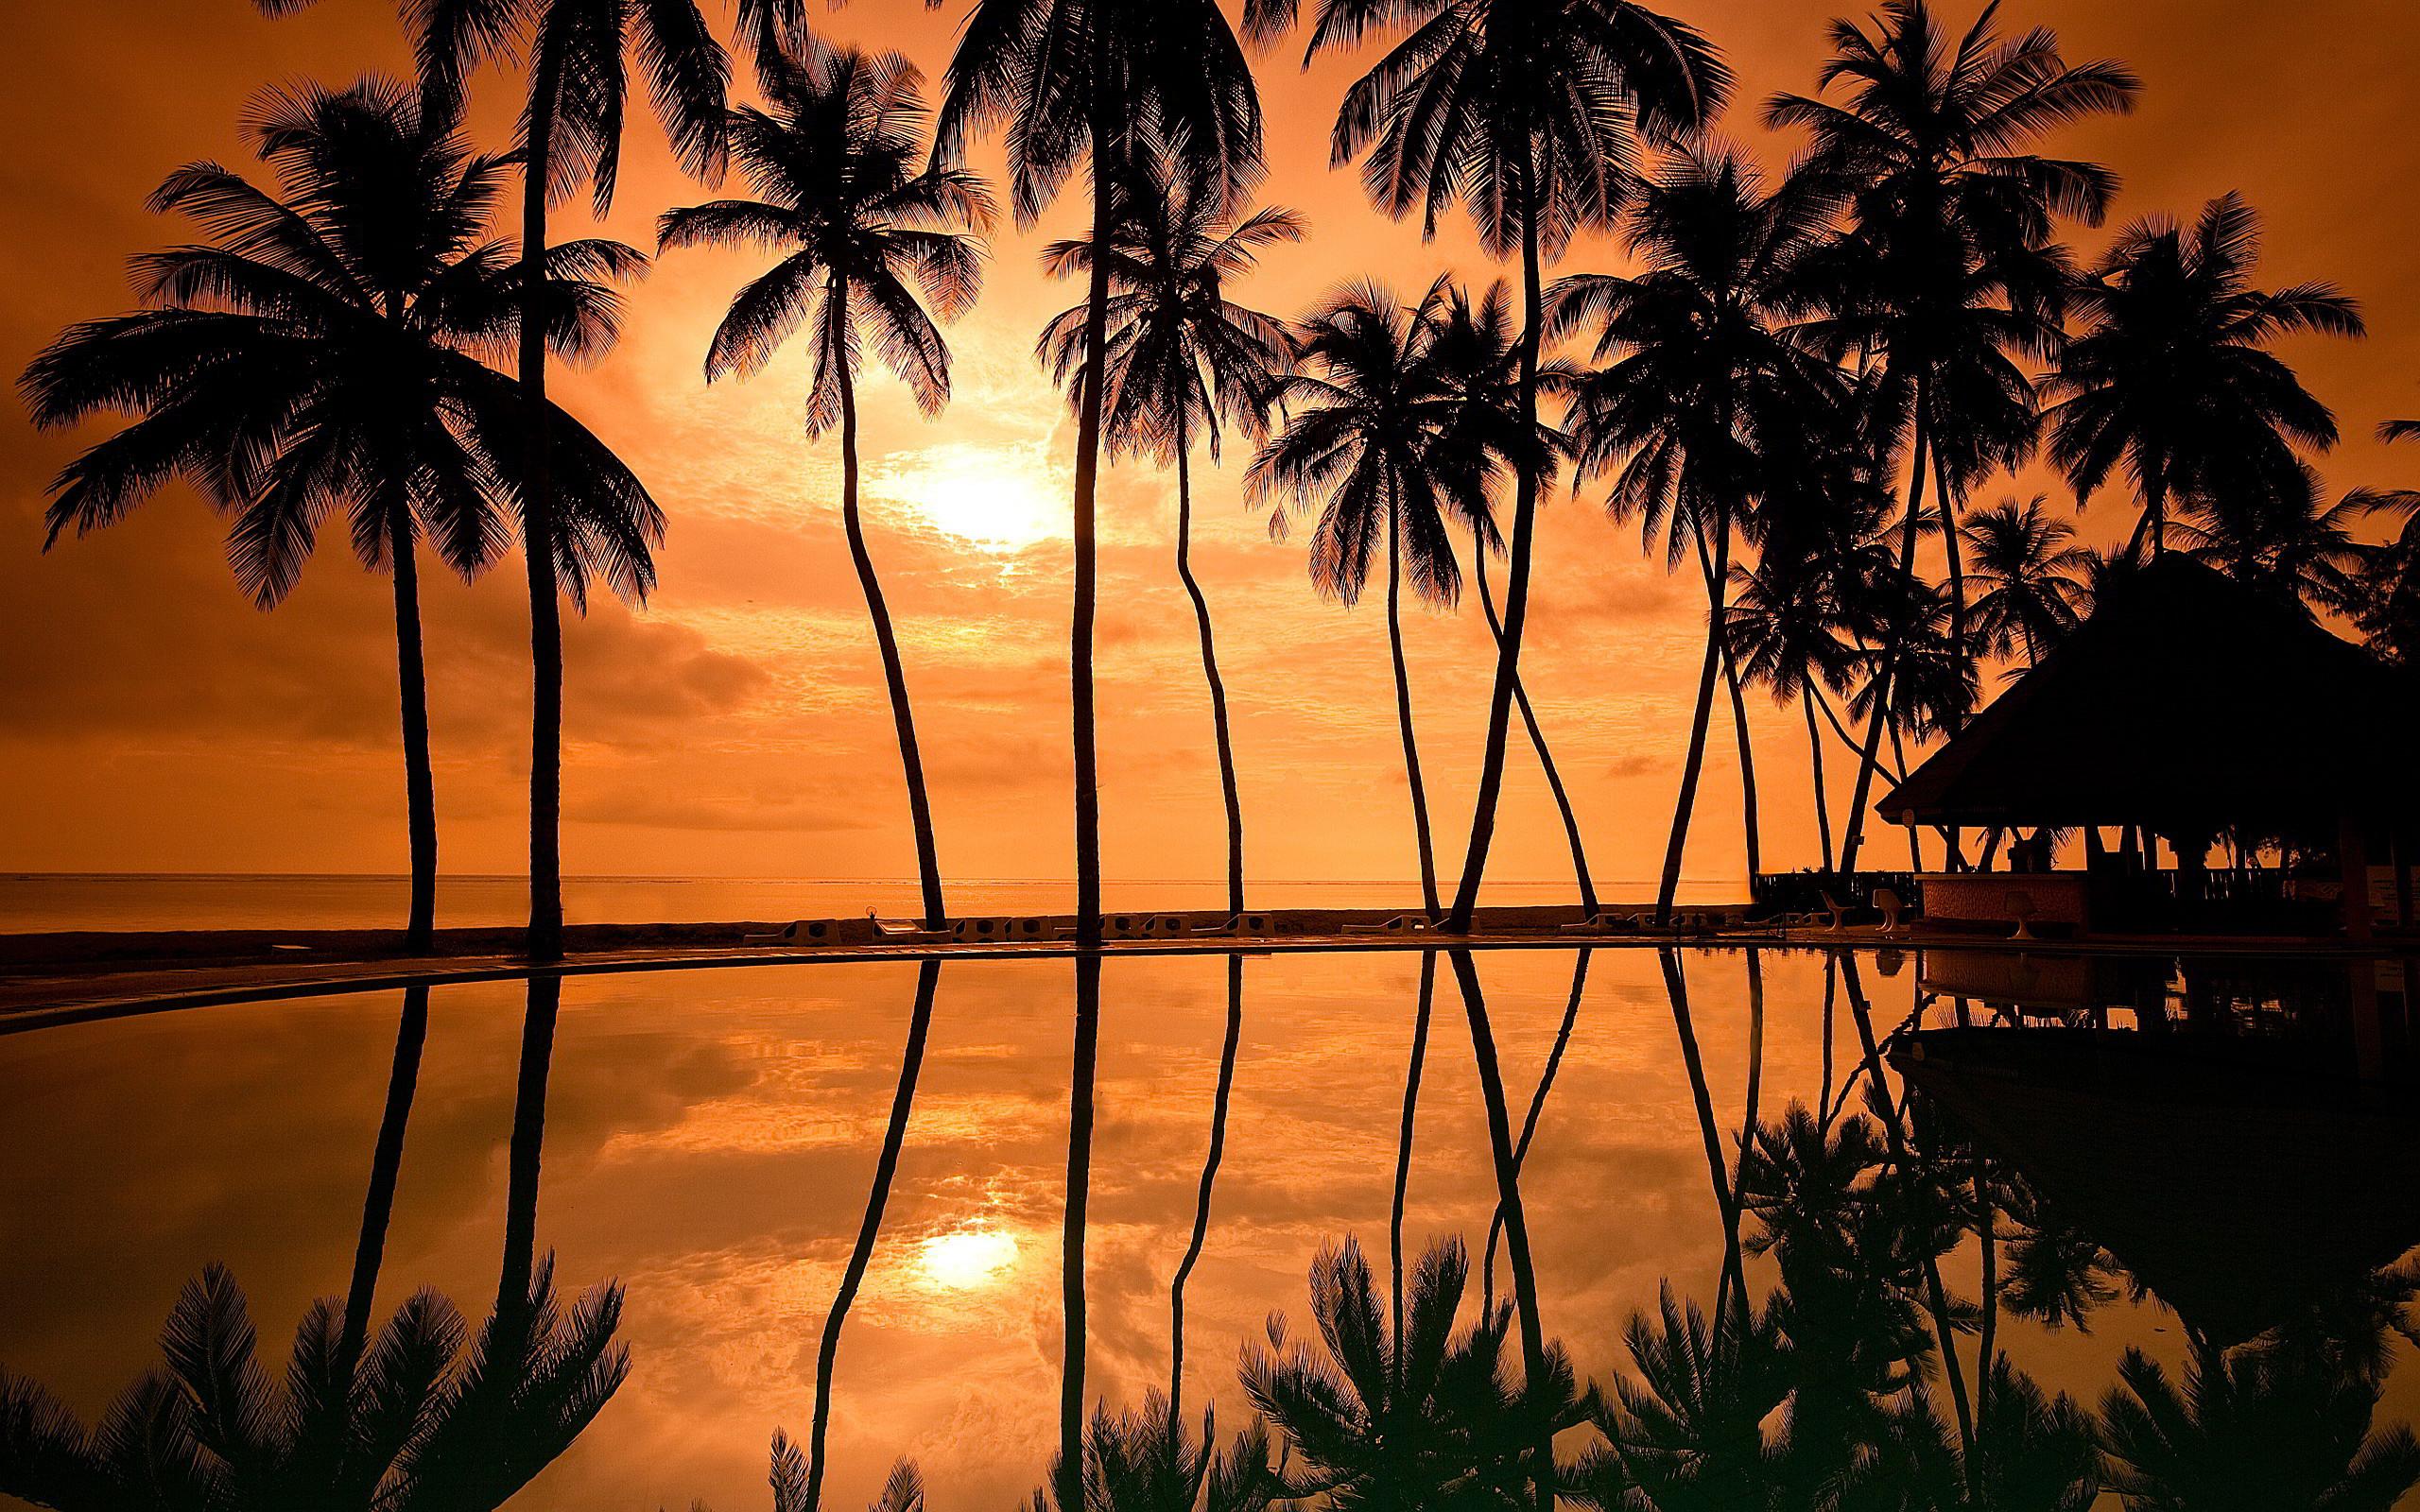 Sunset Hawaii Beach Wallpaper